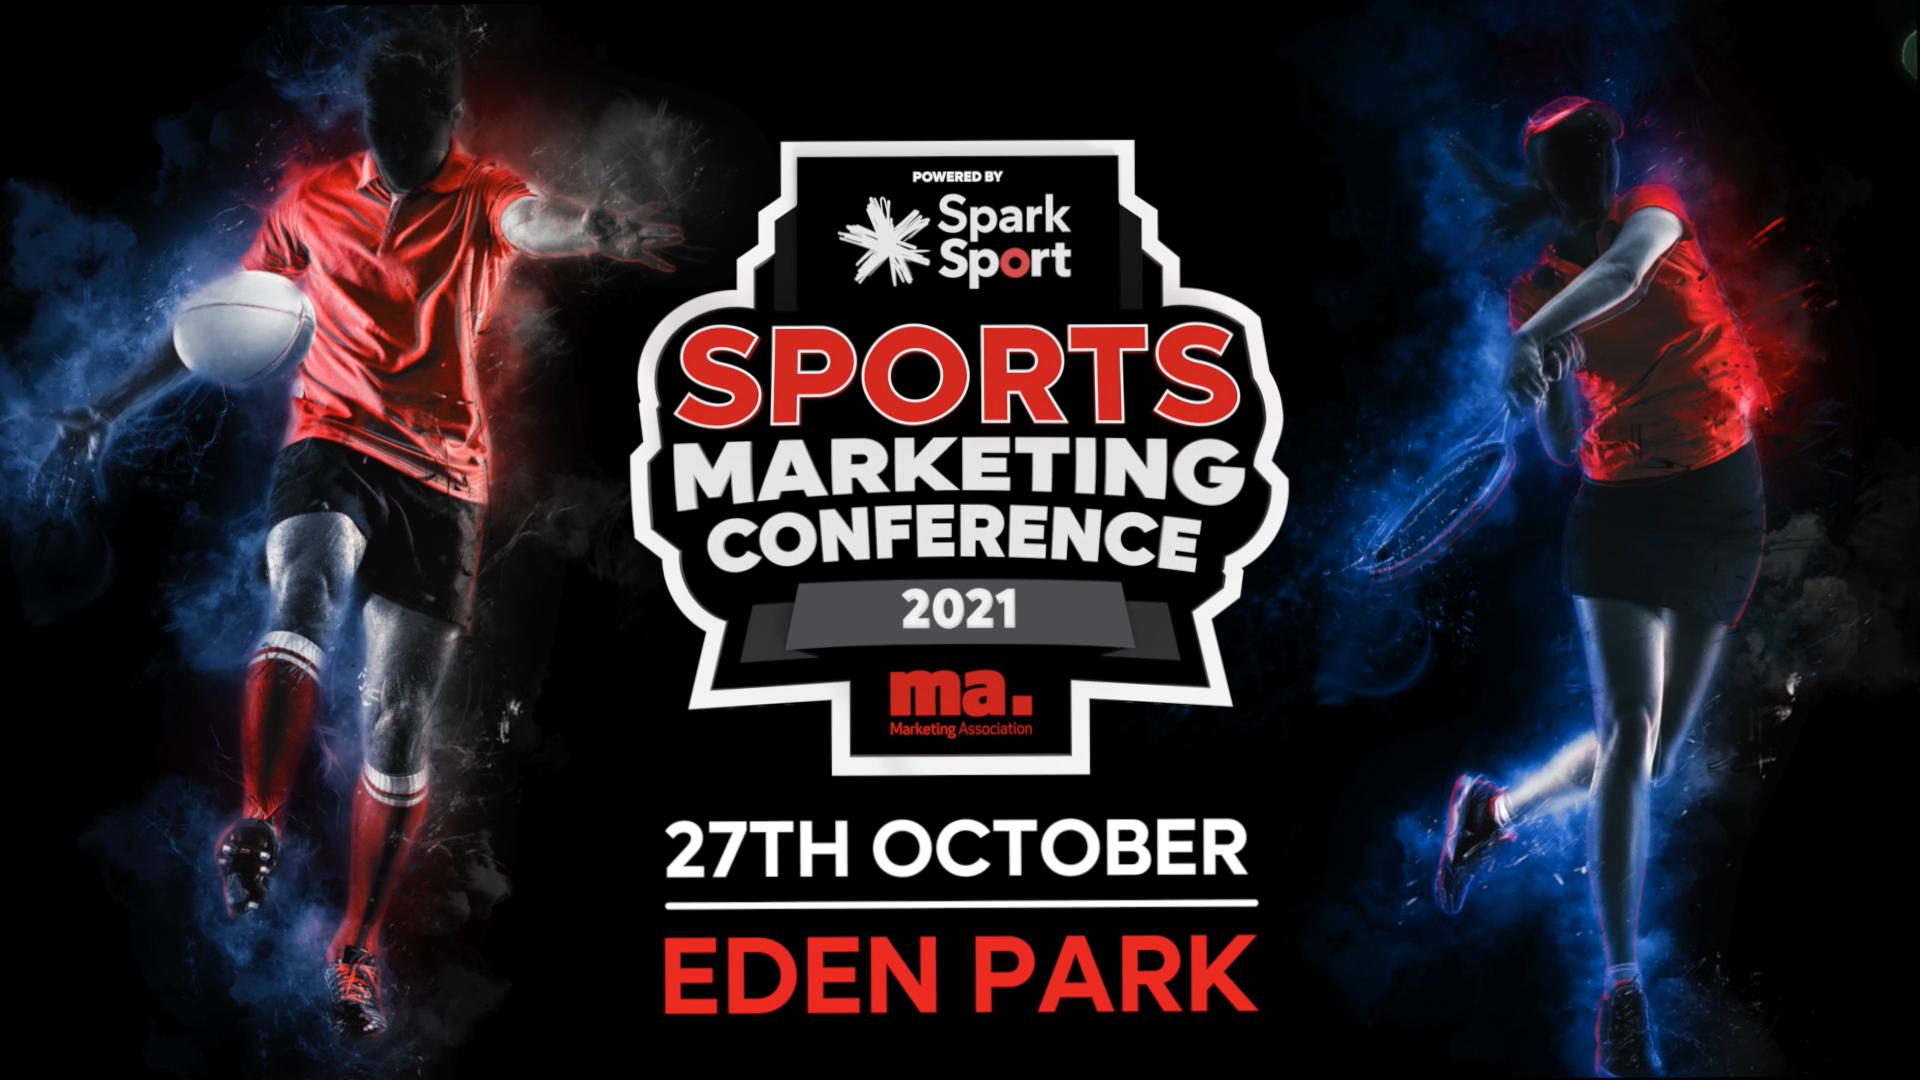 SportsMarketing Conference